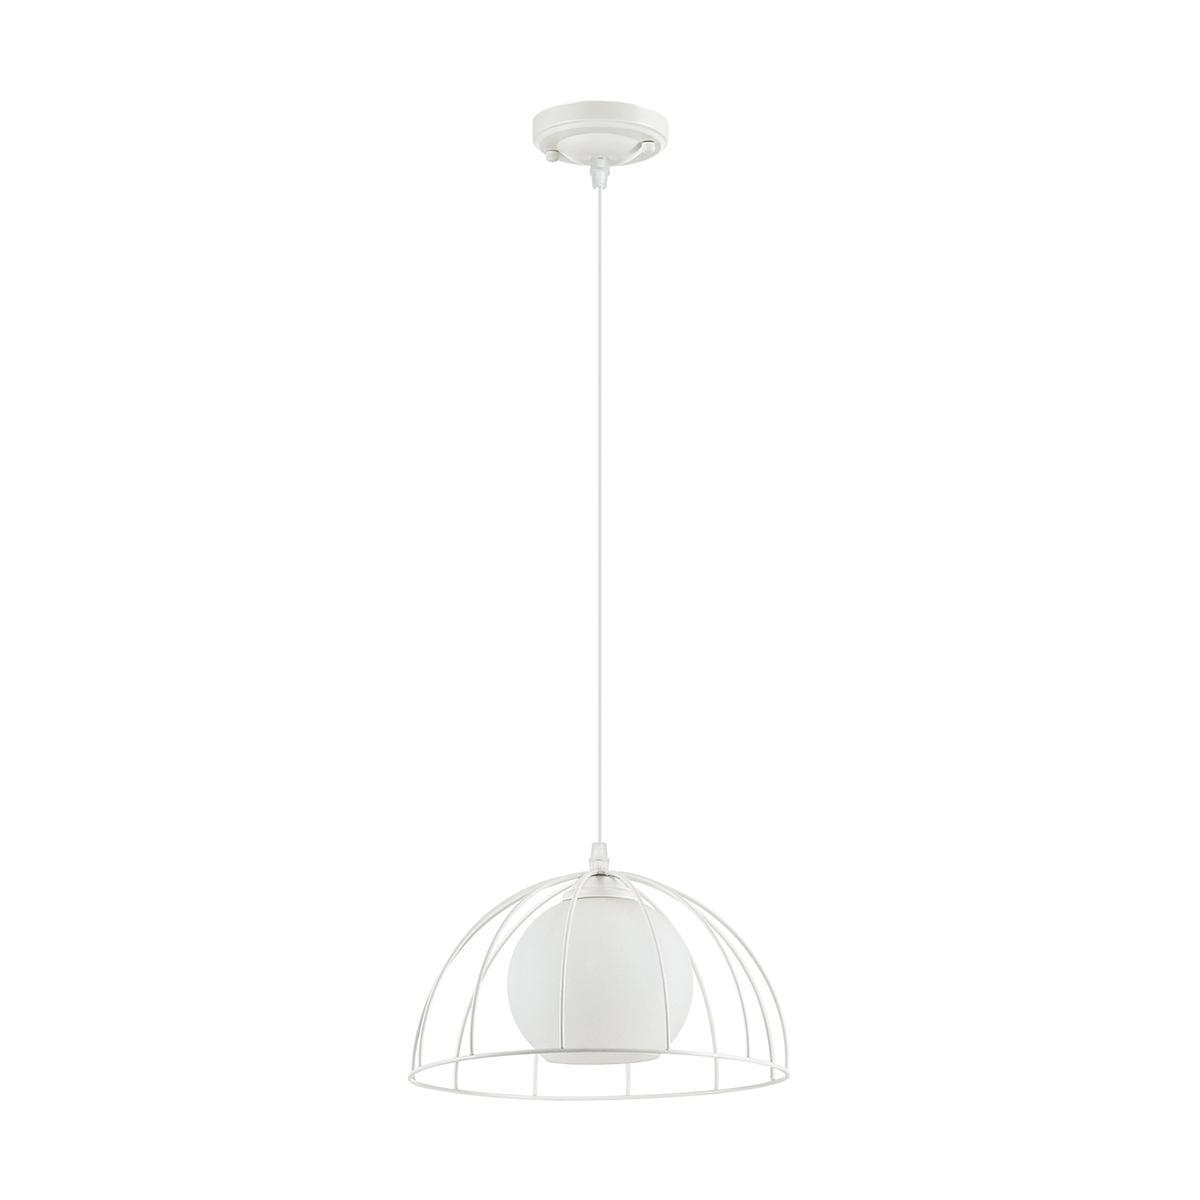 Подвесной светильник Lumion Shelby 3713/1 подвесной светильник lumion 3144 1